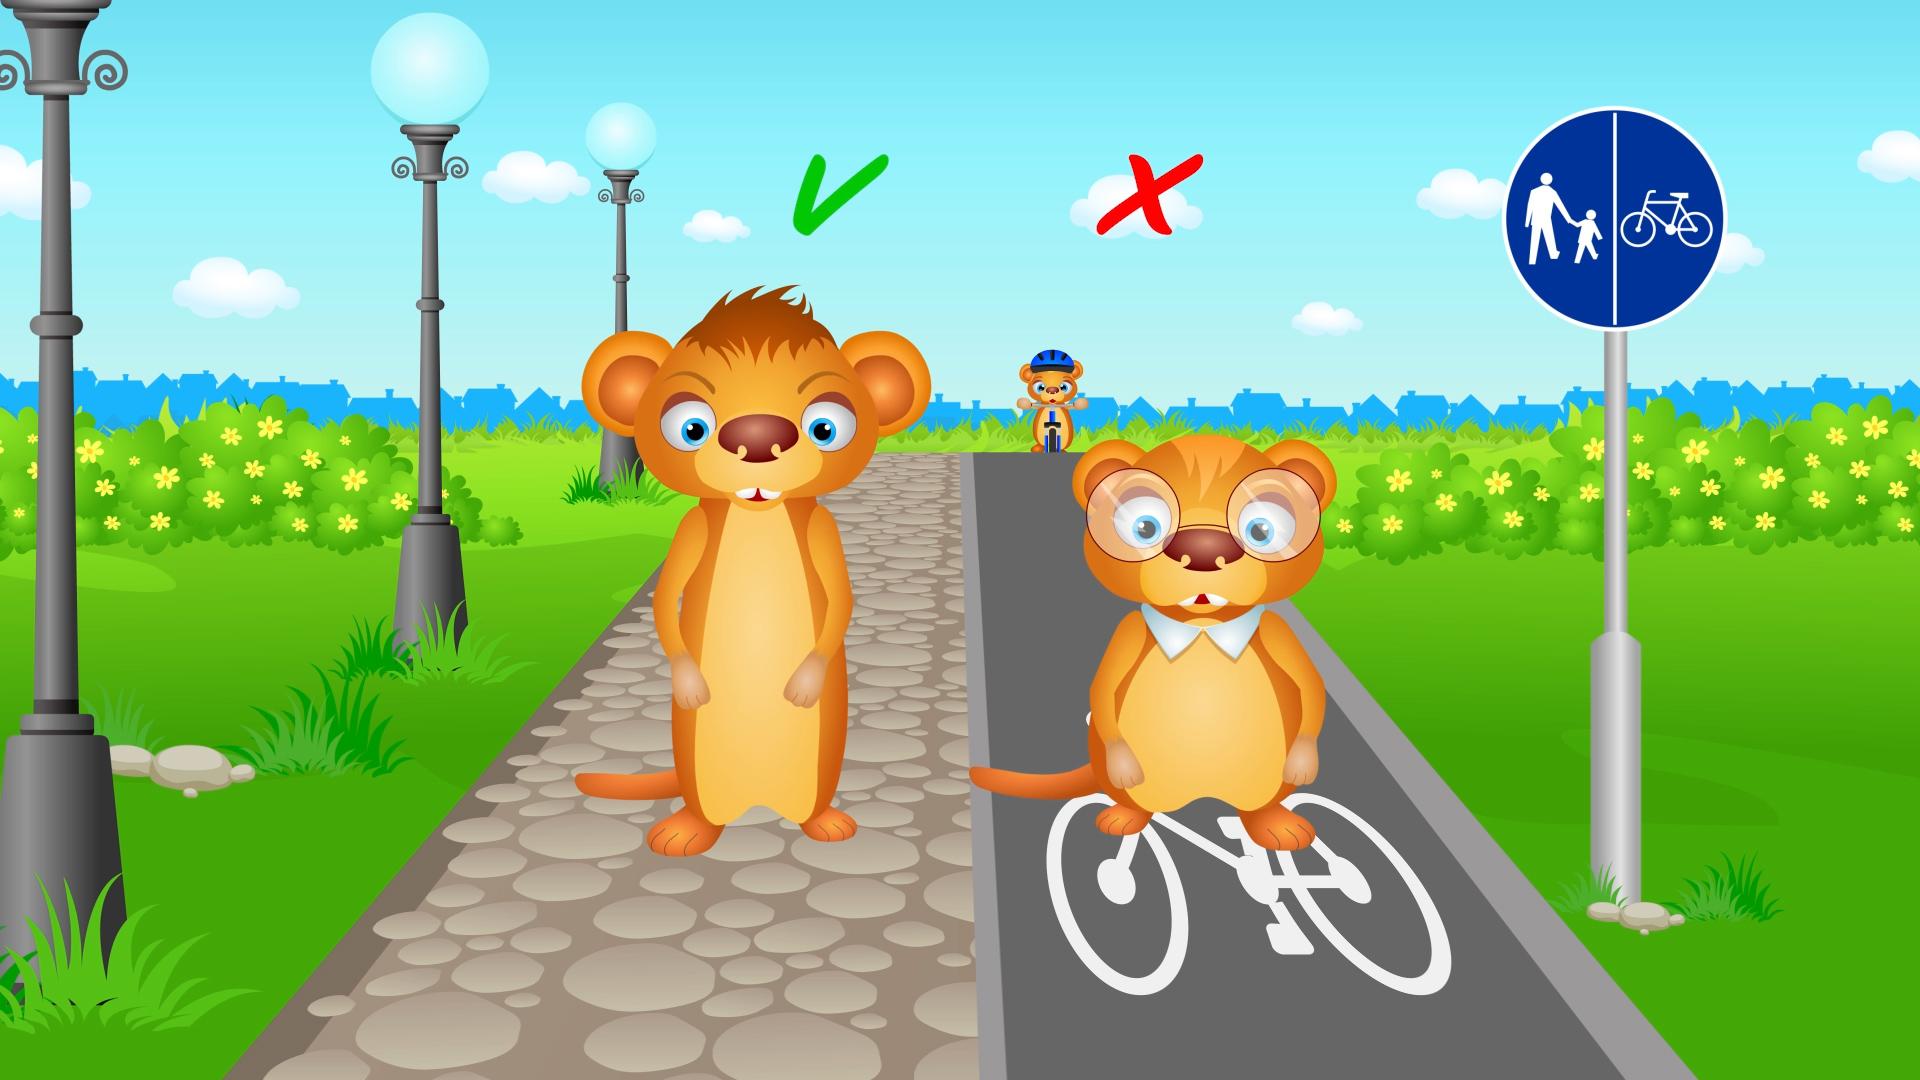 bezpieczenstwo_na_rowerze